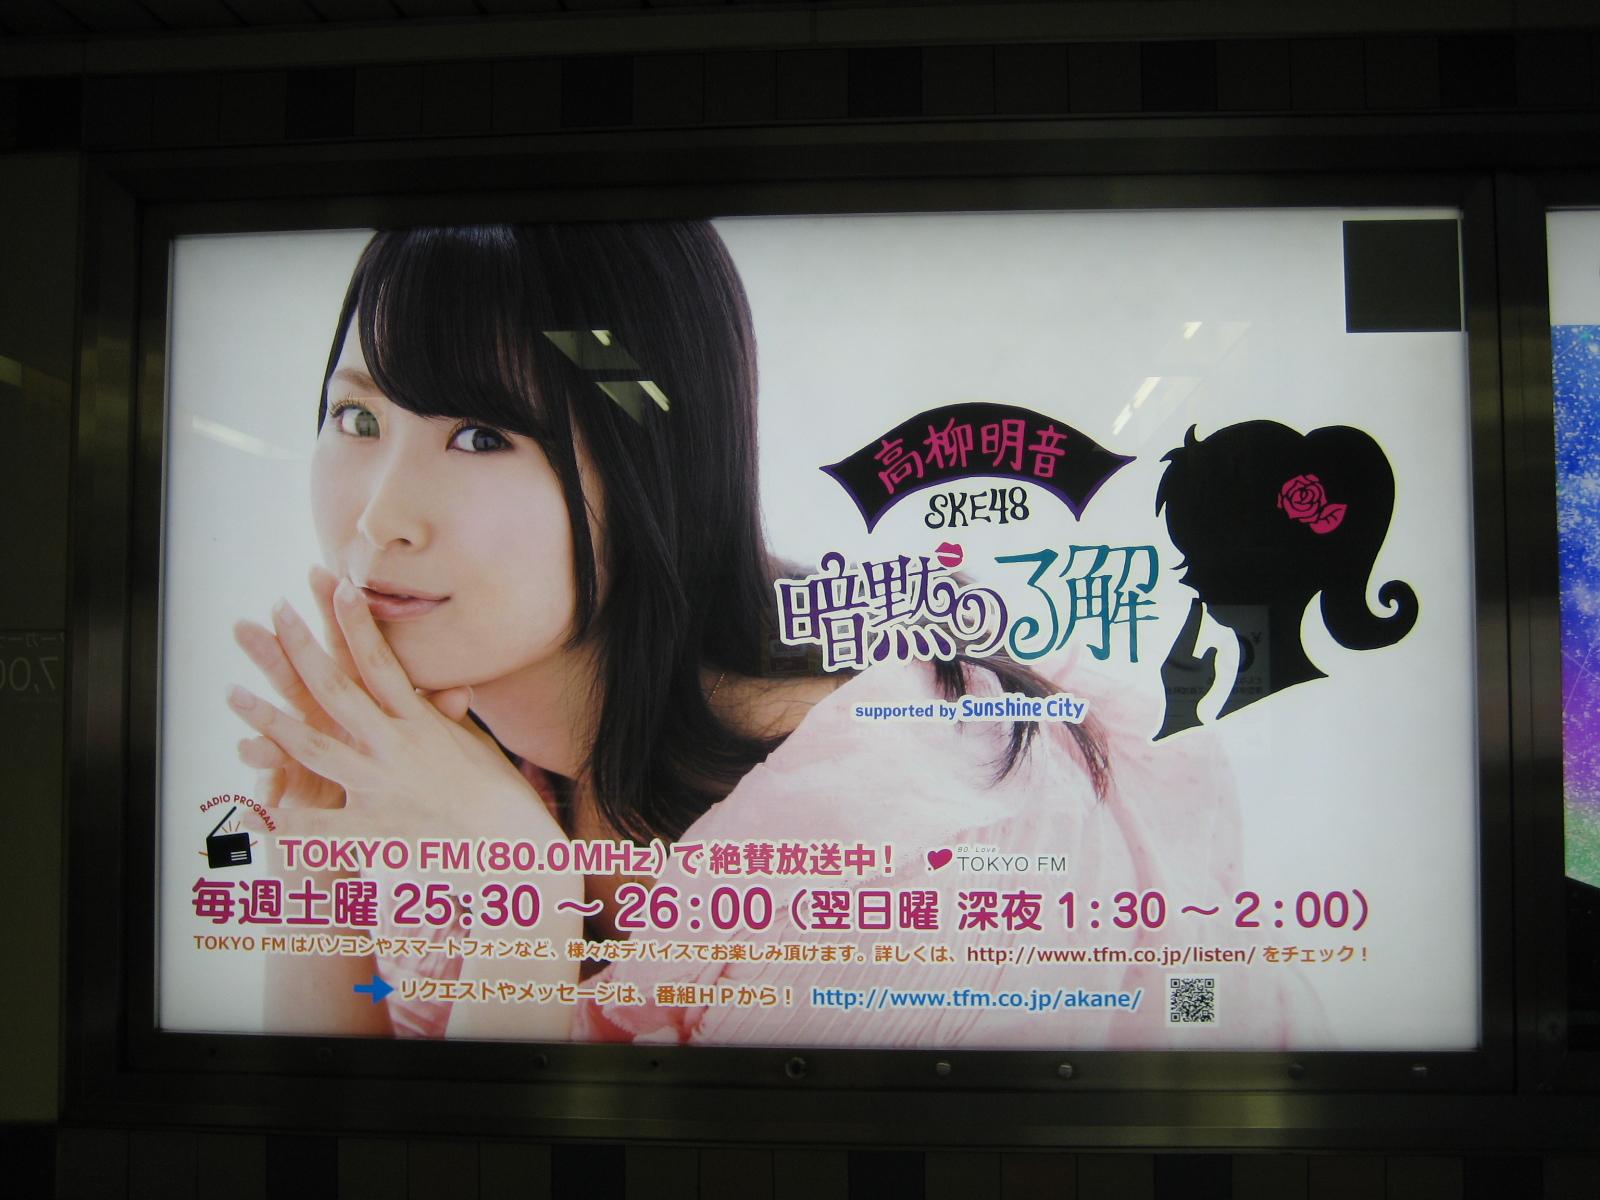 高柳明音(SKE48)の暗黙の了解 TOKYO FM